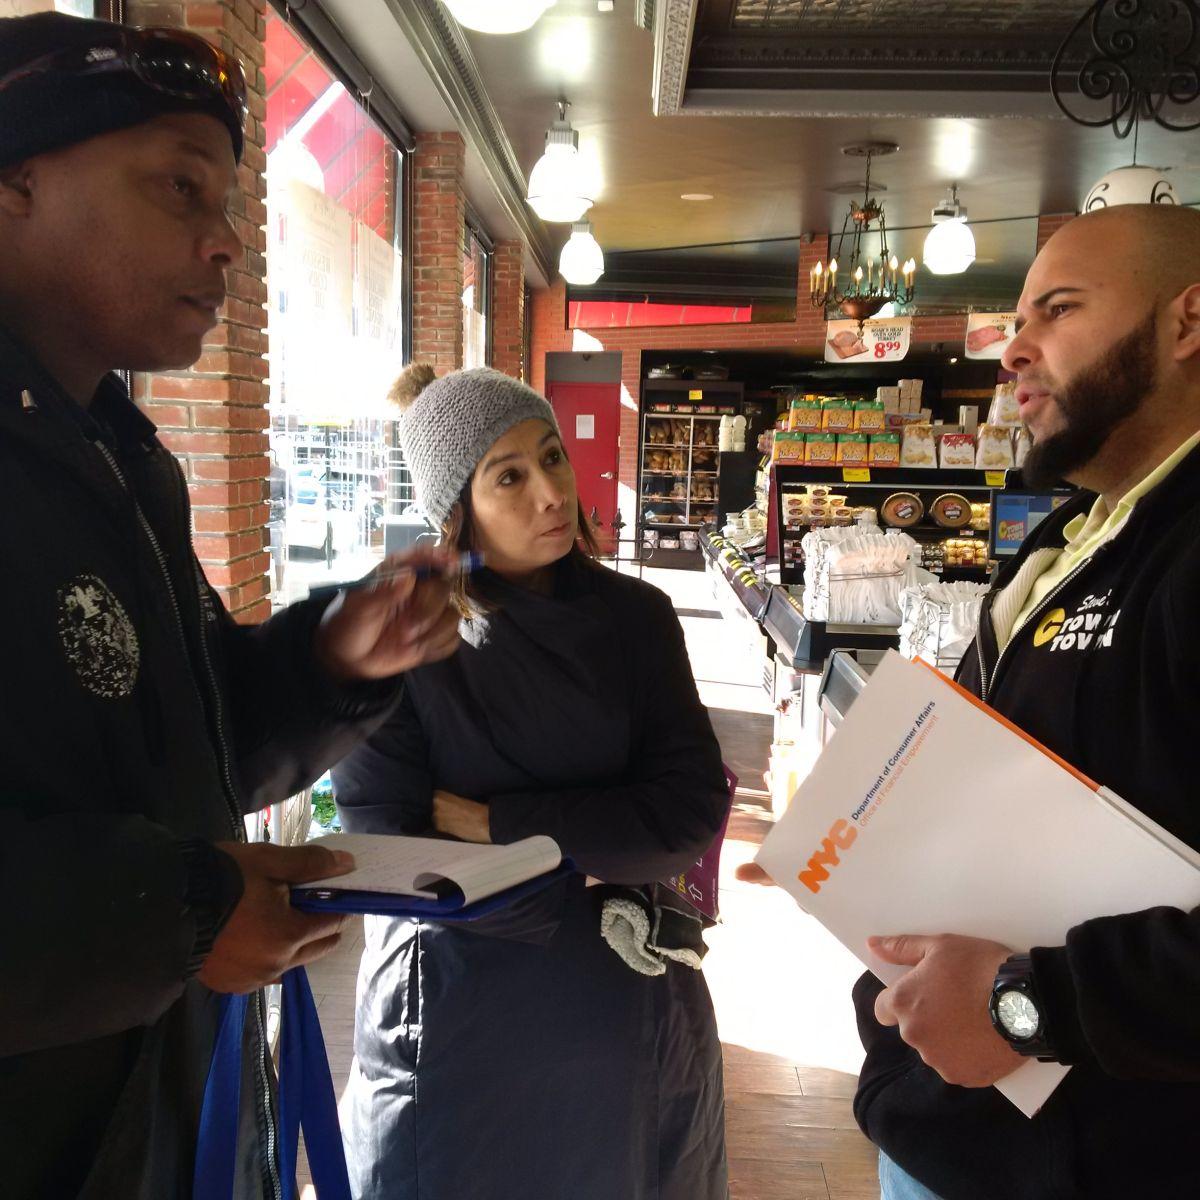 Lorelei Salas, comisionada del Departamento de Asuntos del Consumidor, informó el jueves de los nuevos salarios a empresarios en NYC./Cortesía